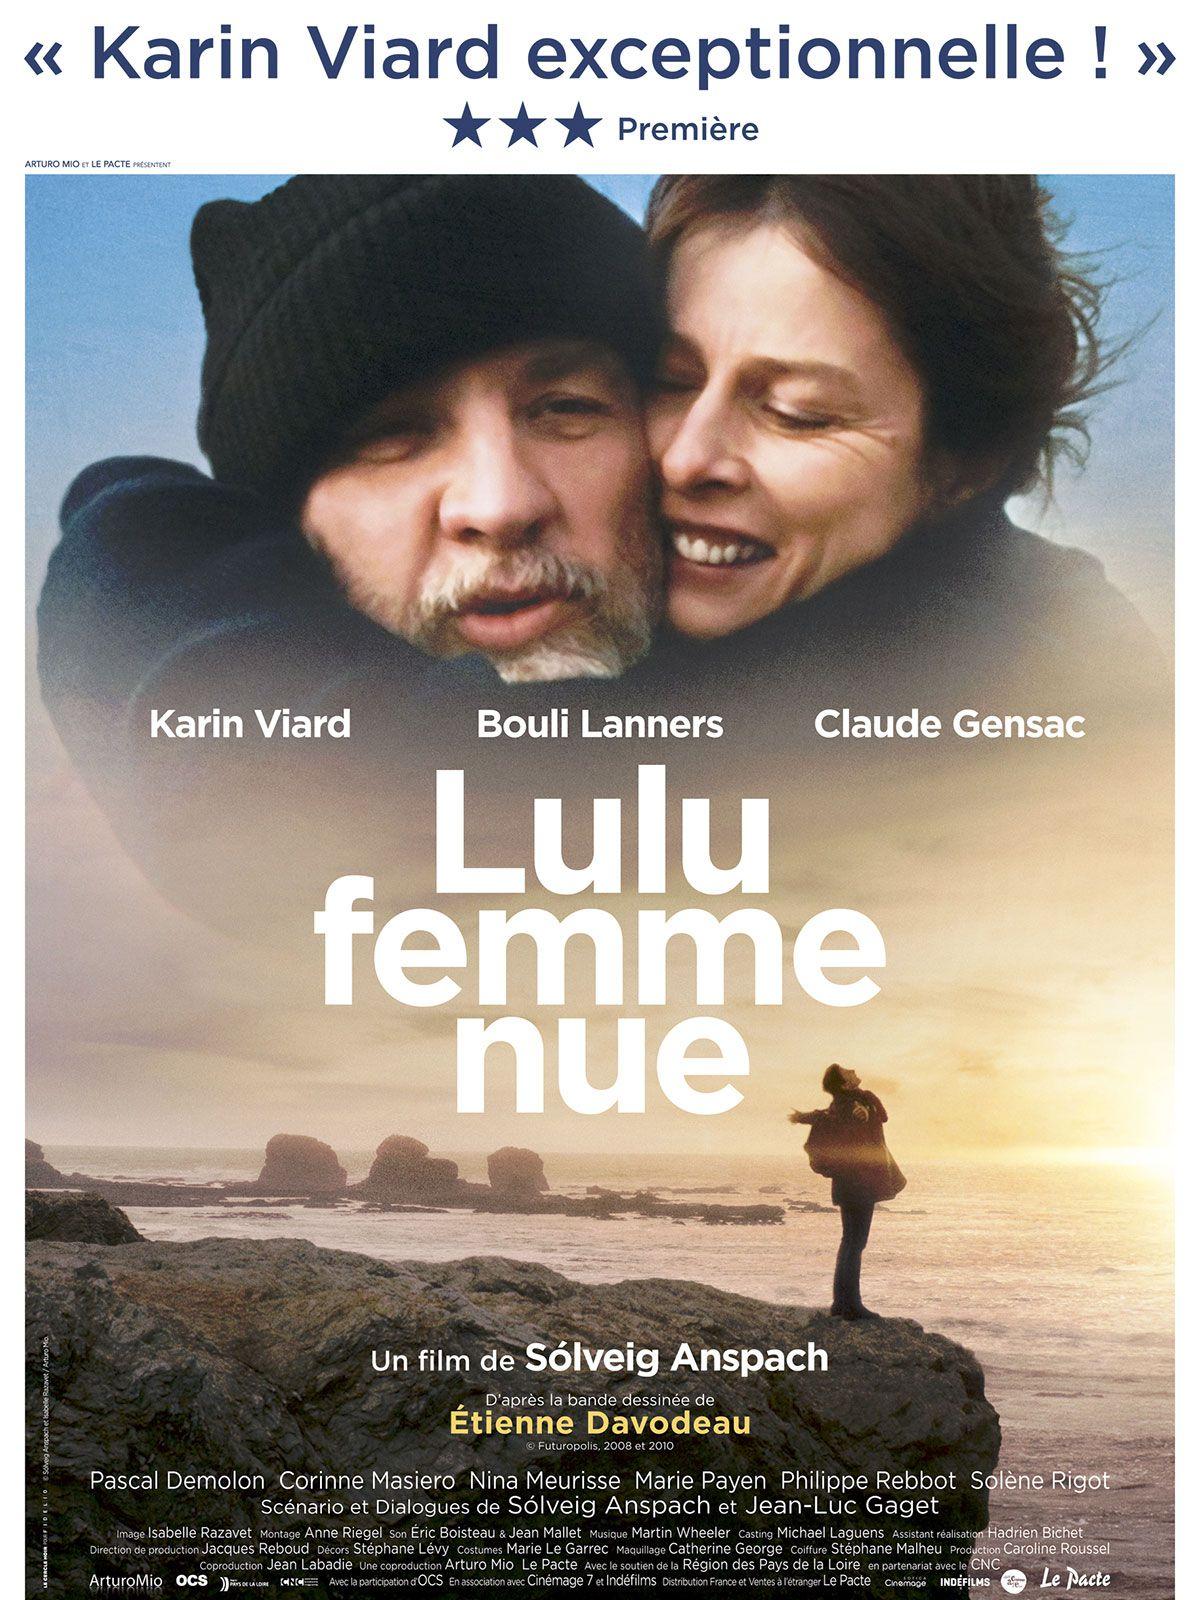 Lulu femme nue - Film (2014)